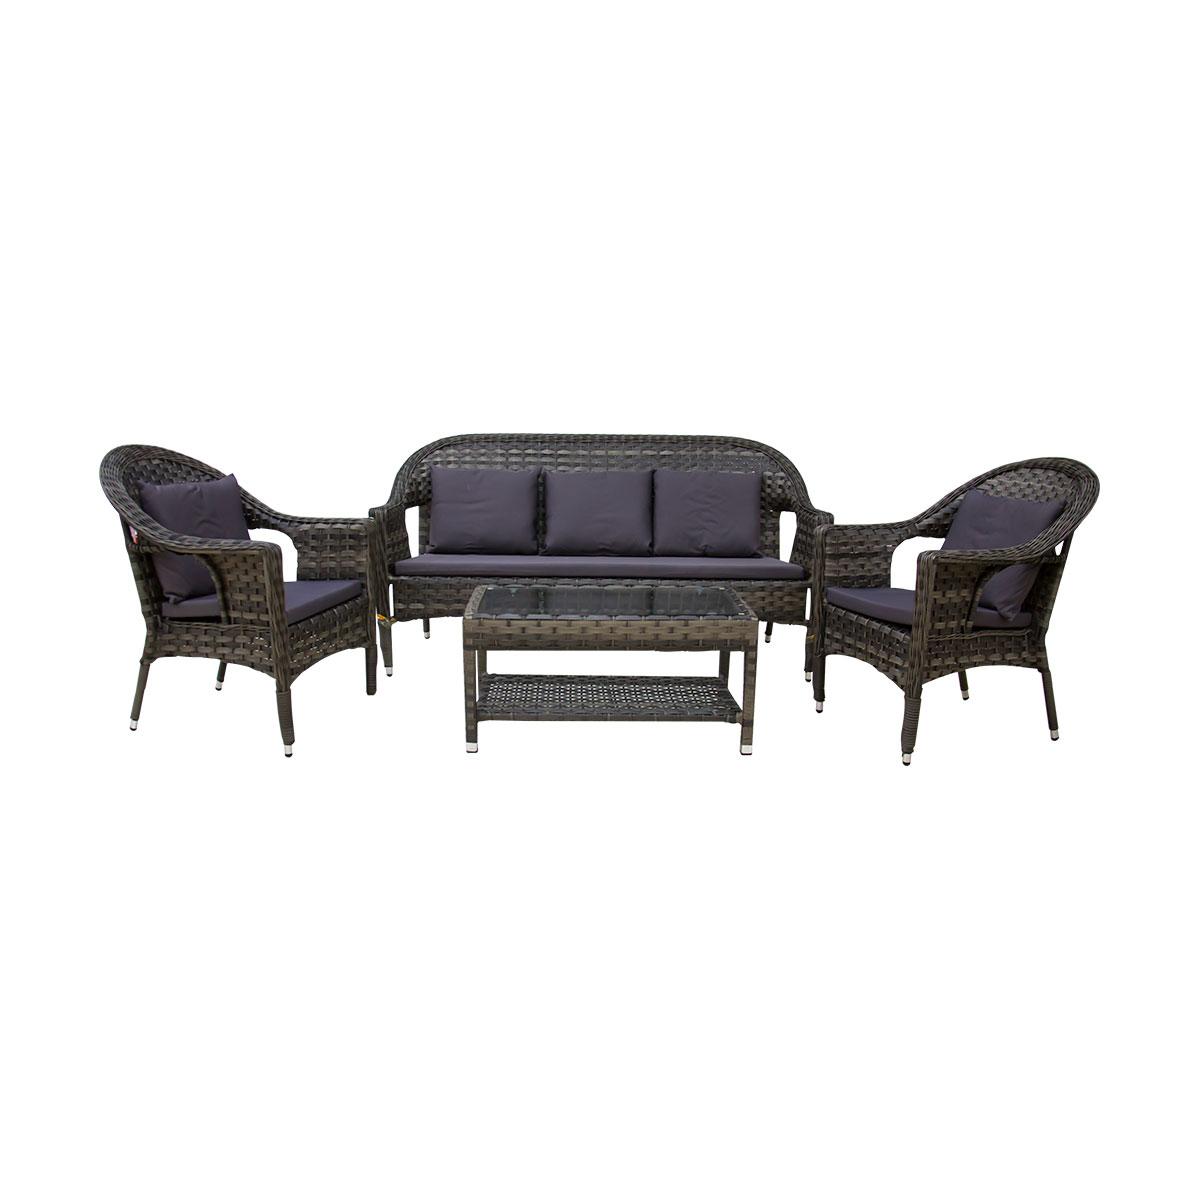 طاولة حديقة مع 3 كرسي لون رمادي فاتح موديل  126+692